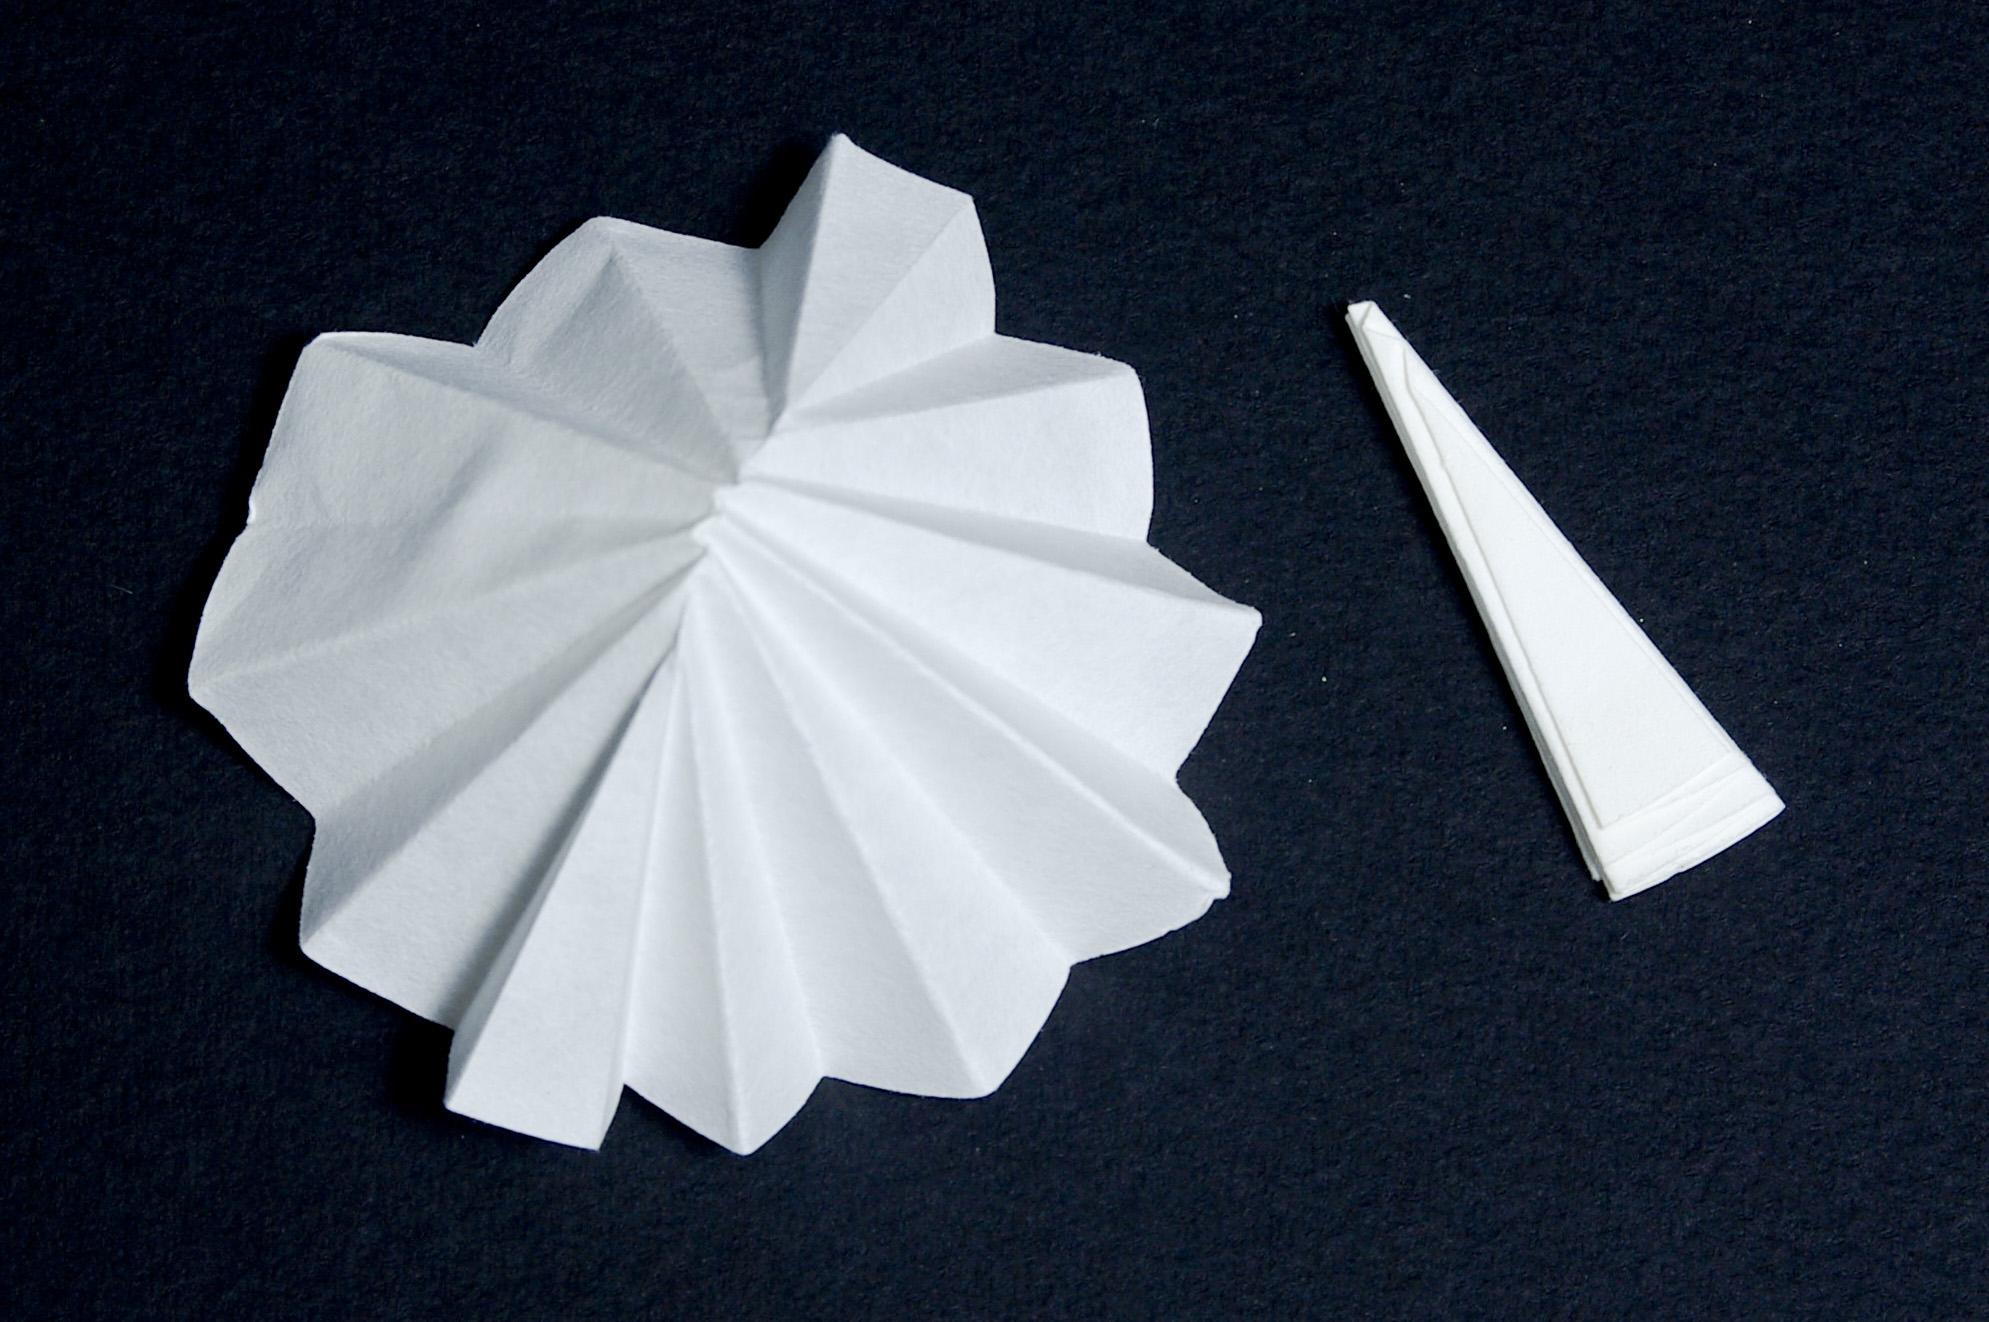 el papel filtro: